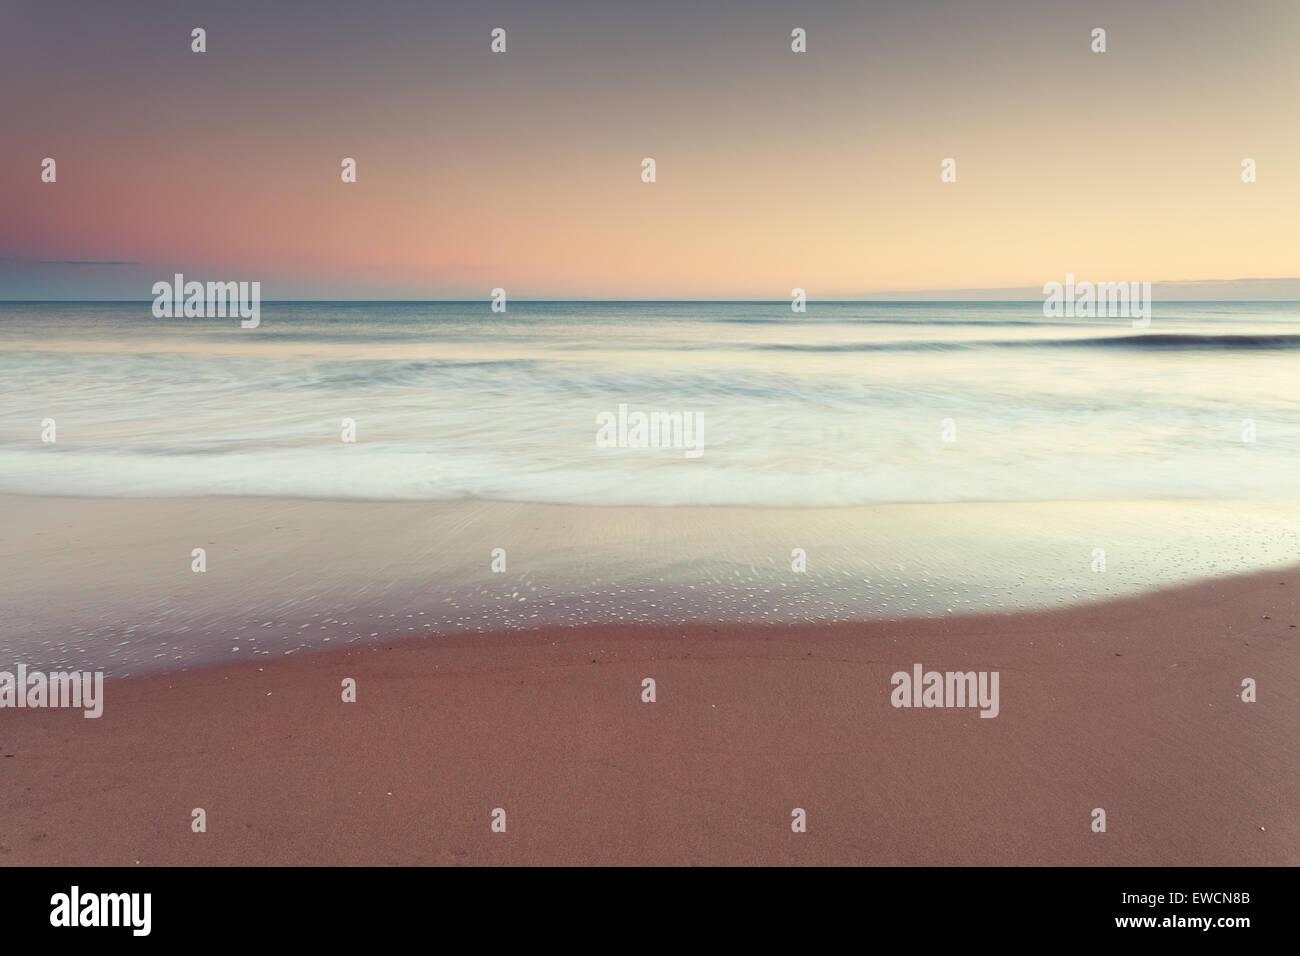 Minimal seascape at dusk - Stock Image